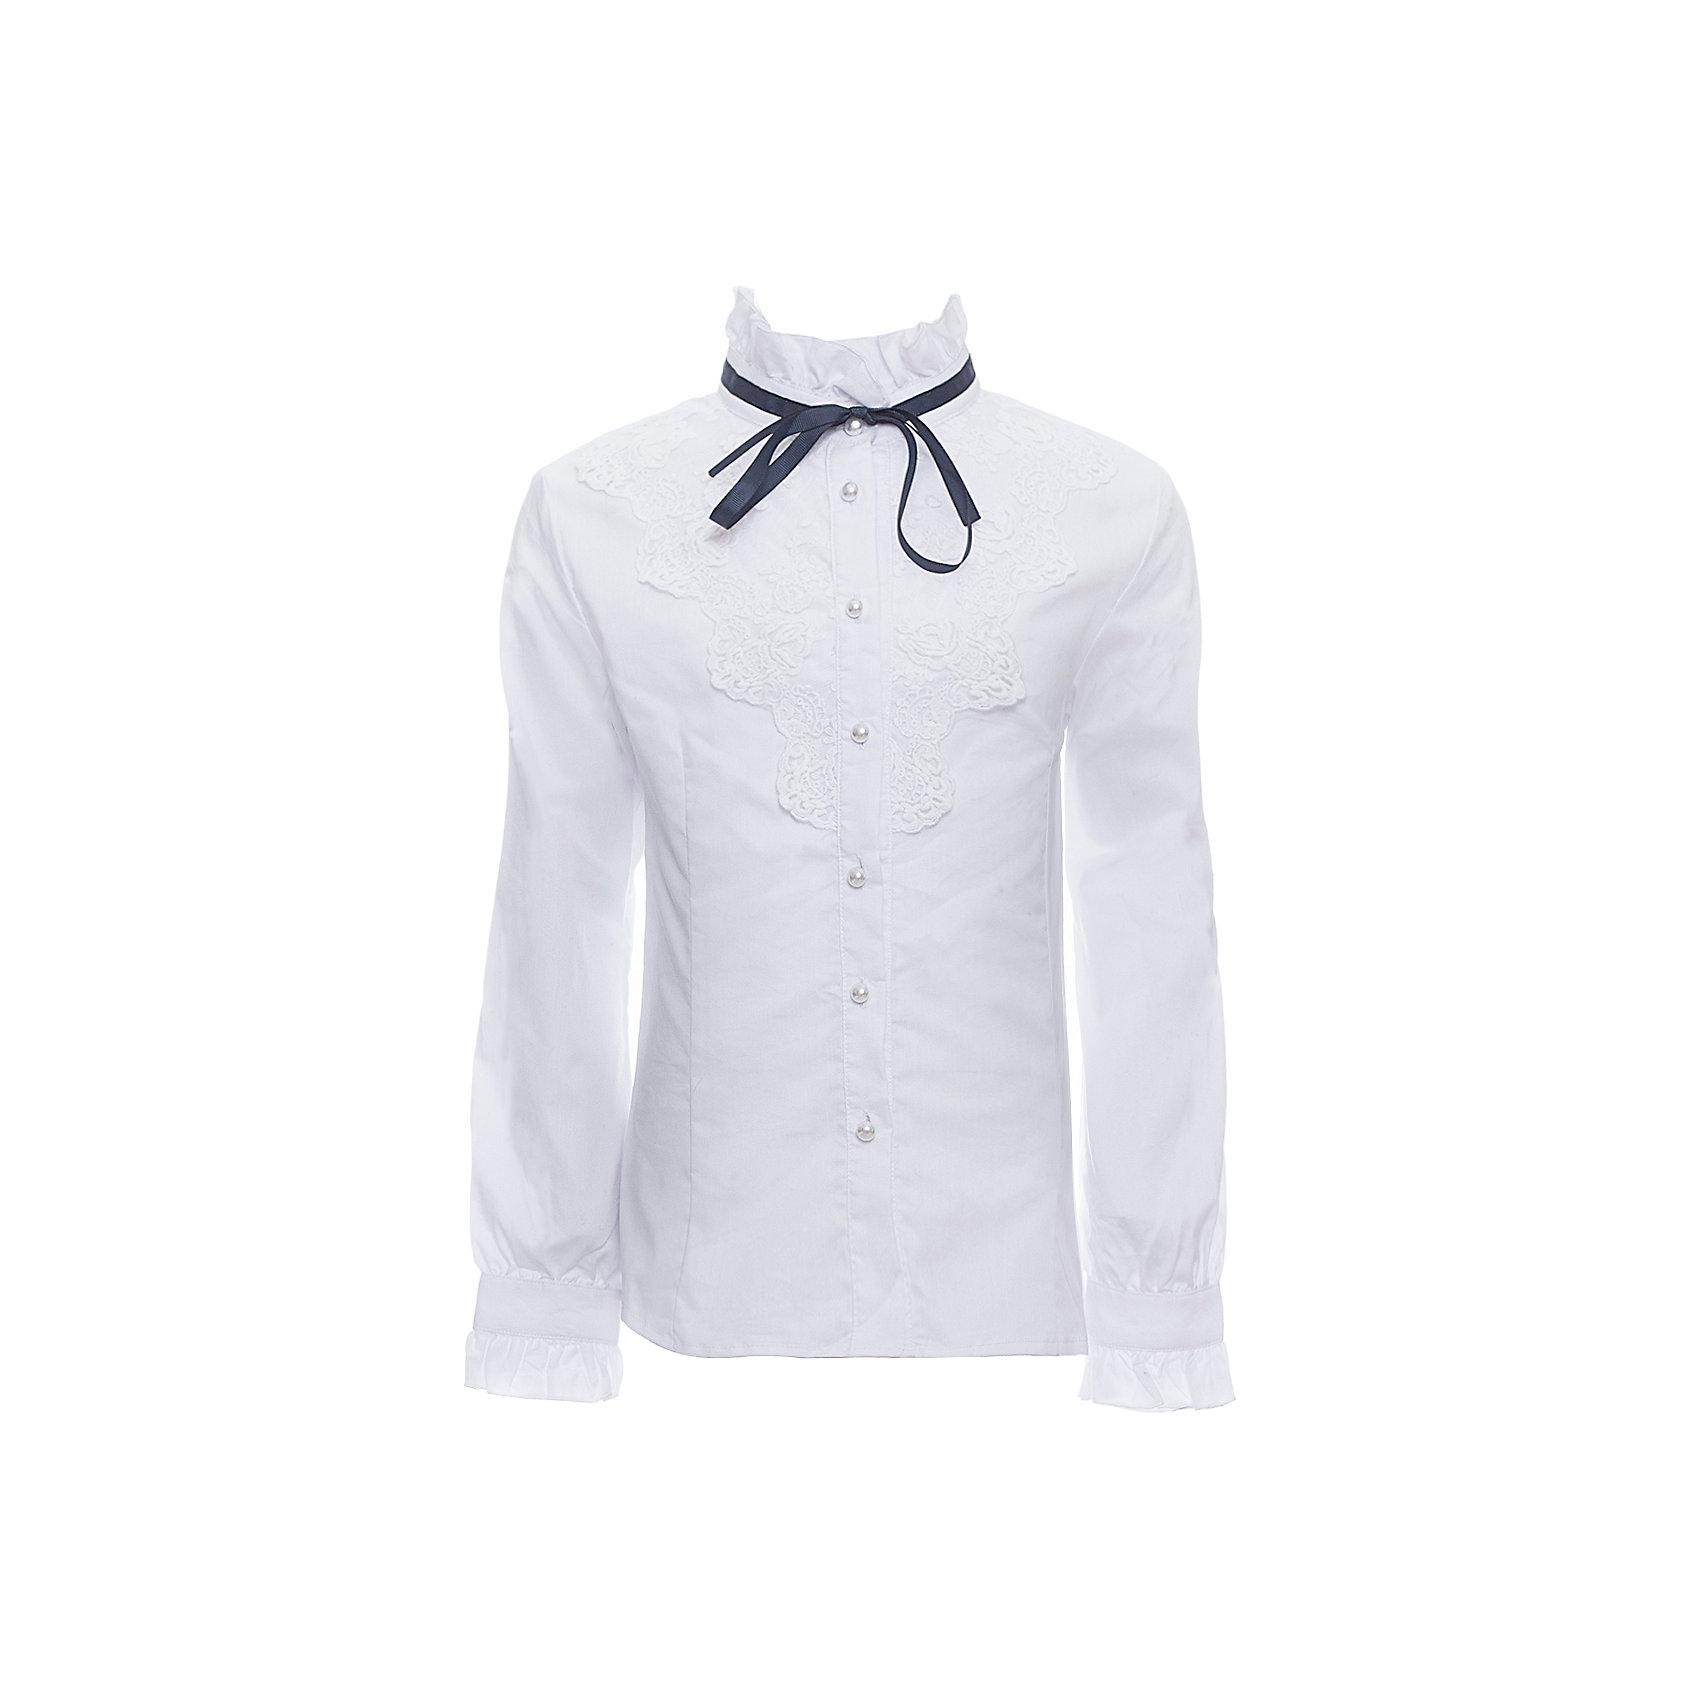 Блузка для девочки LuminosoБлузки и рубашки<br>Характеристики товара:<br><br>• цвет: белый;<br>• состав: 65% хлопок, 32% полиэстер, 3% эластан;<br>• сезон: демисезон;<br>• особенности: школьная, с кружевом;<br>• застежка: пуговицы;<br>• с длинным рукавом;<br>• декорирована кружевом и бантиком;<br>• манжеты рукавов на пуговице;<br>• страна бренда: Россия;<br>• страна производства: Китай.<br><br>Школьная блузка с длинным рукавом для девочки. Белая блузка приталенного кроя. Декорирована изящным кружевом и контрастным бантиком синего цвета. Застегивается на пуговки, манжеты рукавов на одной пуговице.<br><br>Блузка для девочки Luminoso (Люминосо) можно купить в нашем интернет-магазине.<br><br>Ширина мм: 186<br>Глубина мм: 87<br>Высота мм: 198<br>Вес г: 197<br>Цвет: белый<br>Возраст от месяцев: 72<br>Возраст до месяцев: 84<br>Пол: Женский<br>Возраст: Детский<br>Размер: 122,164,128,134,140,146,152,158<br>SKU: 6672047